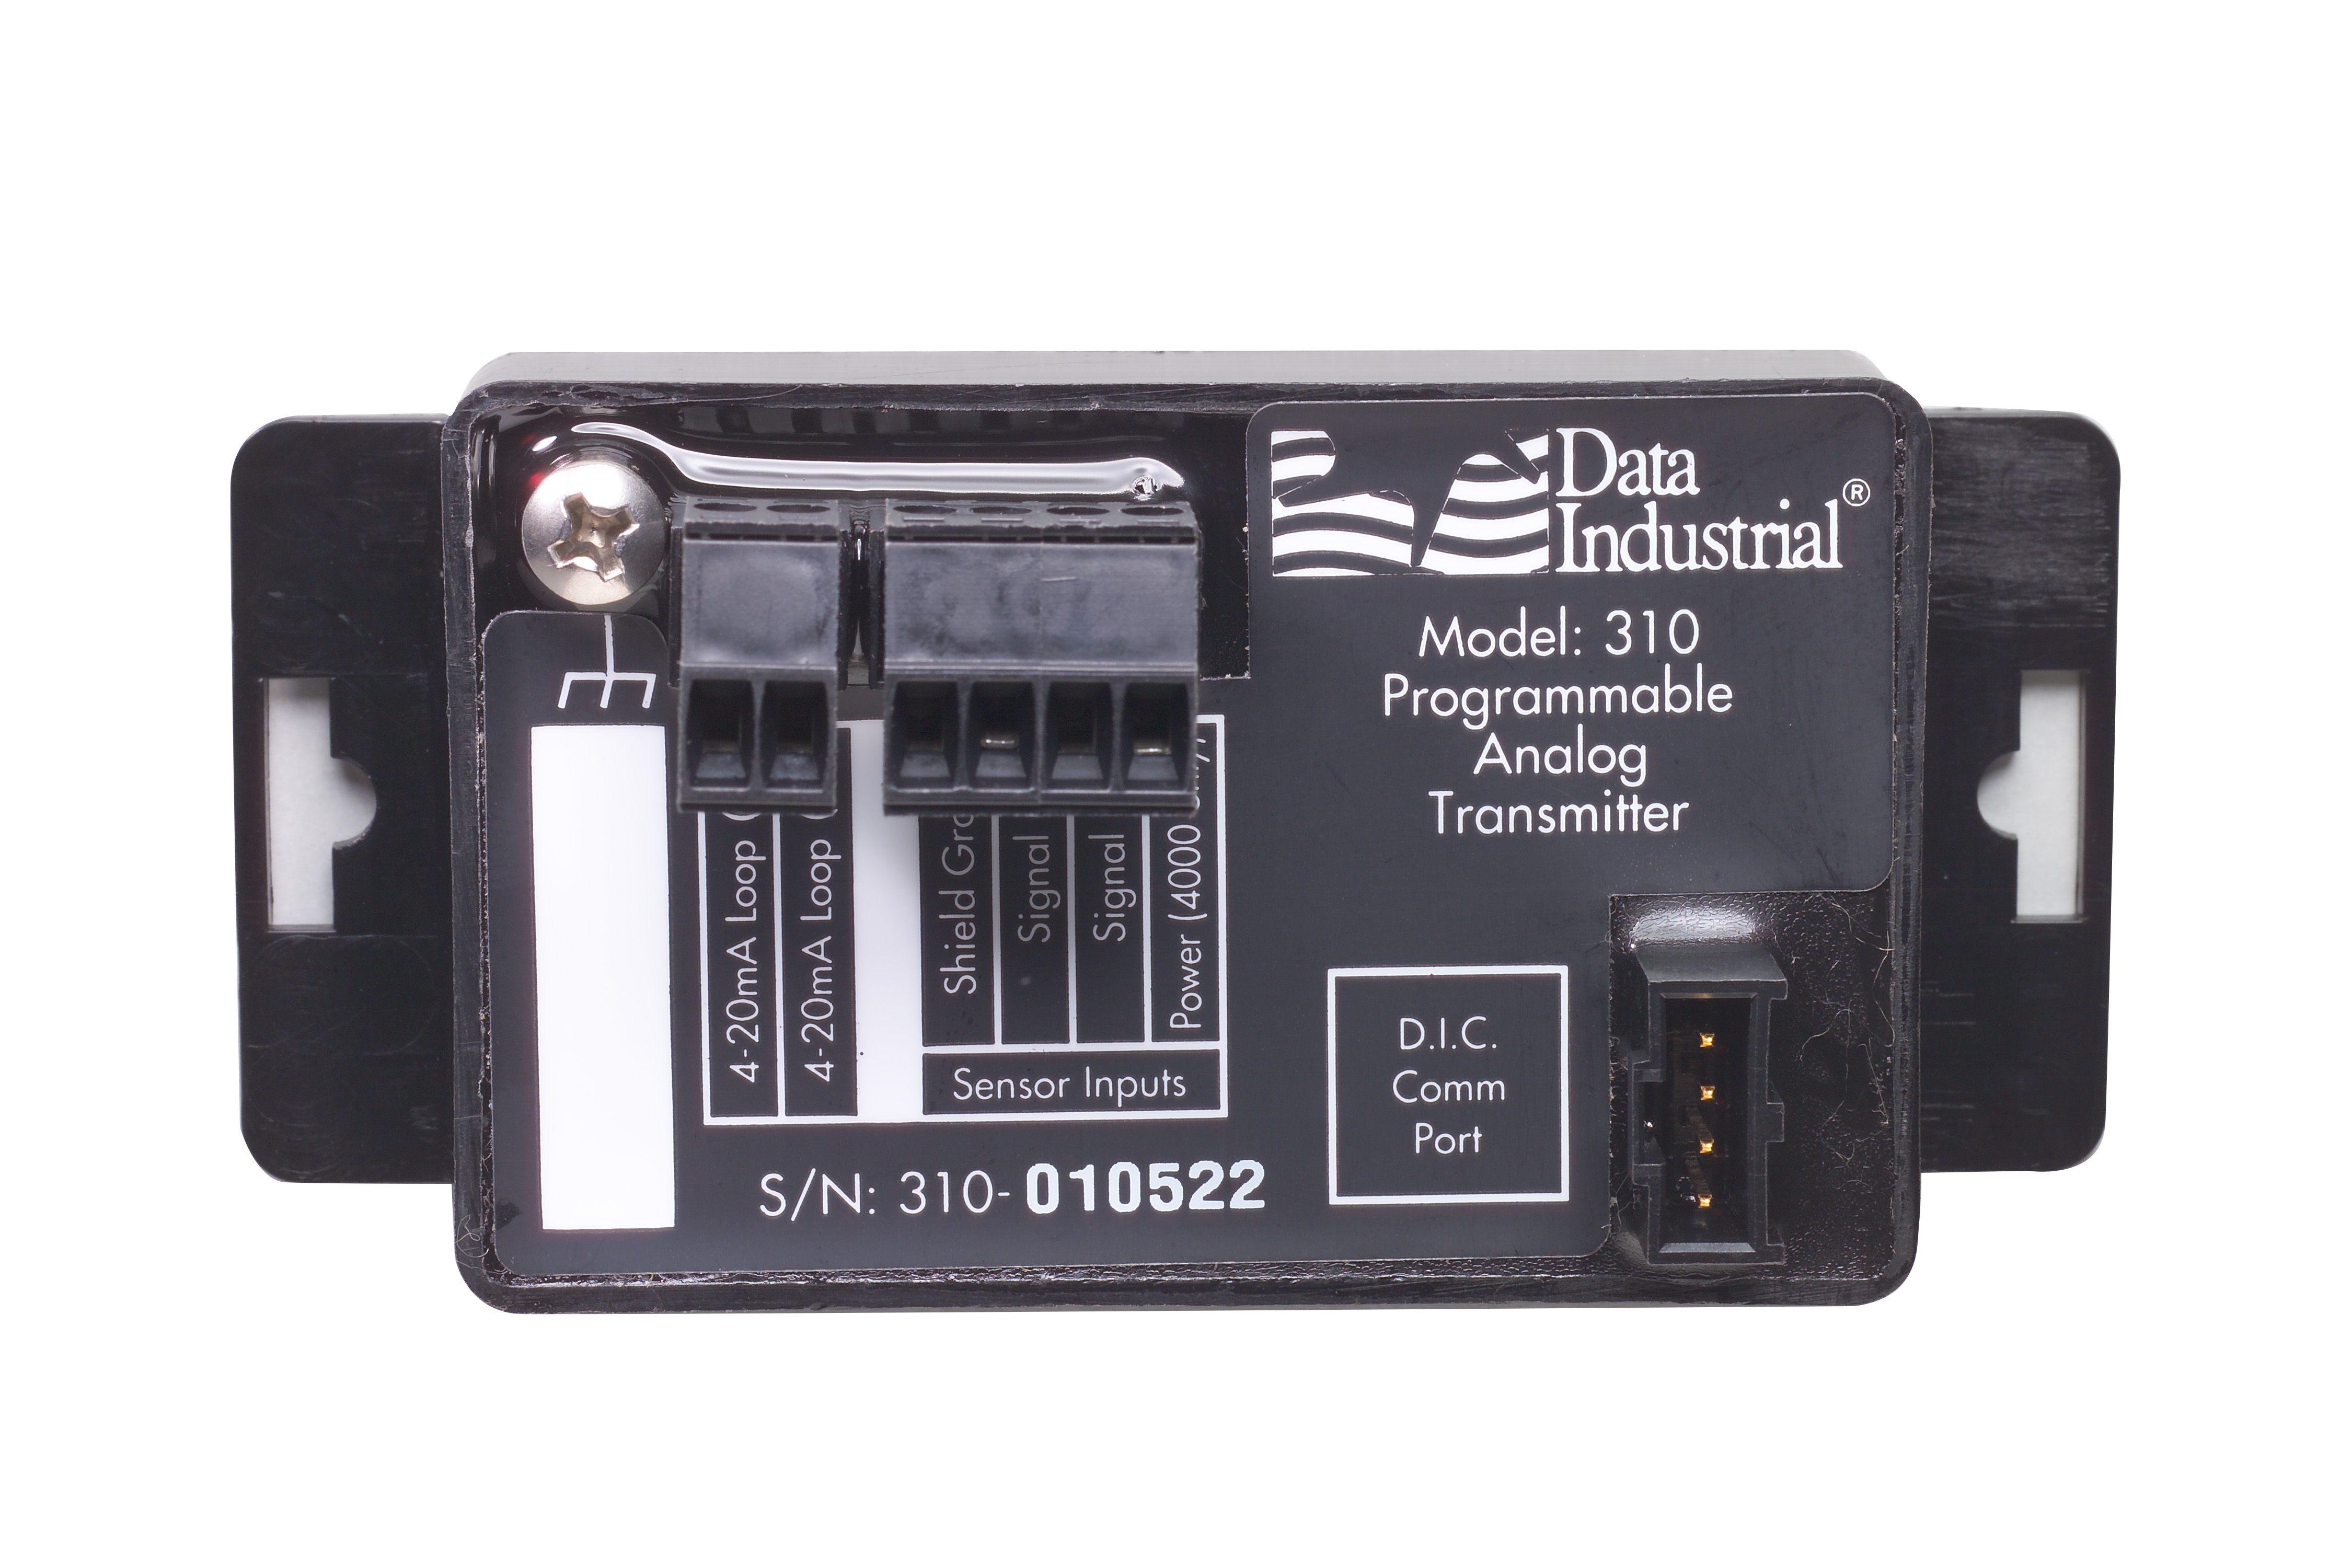 Badger 310 Series Analog Transmitter 310-00 Flow